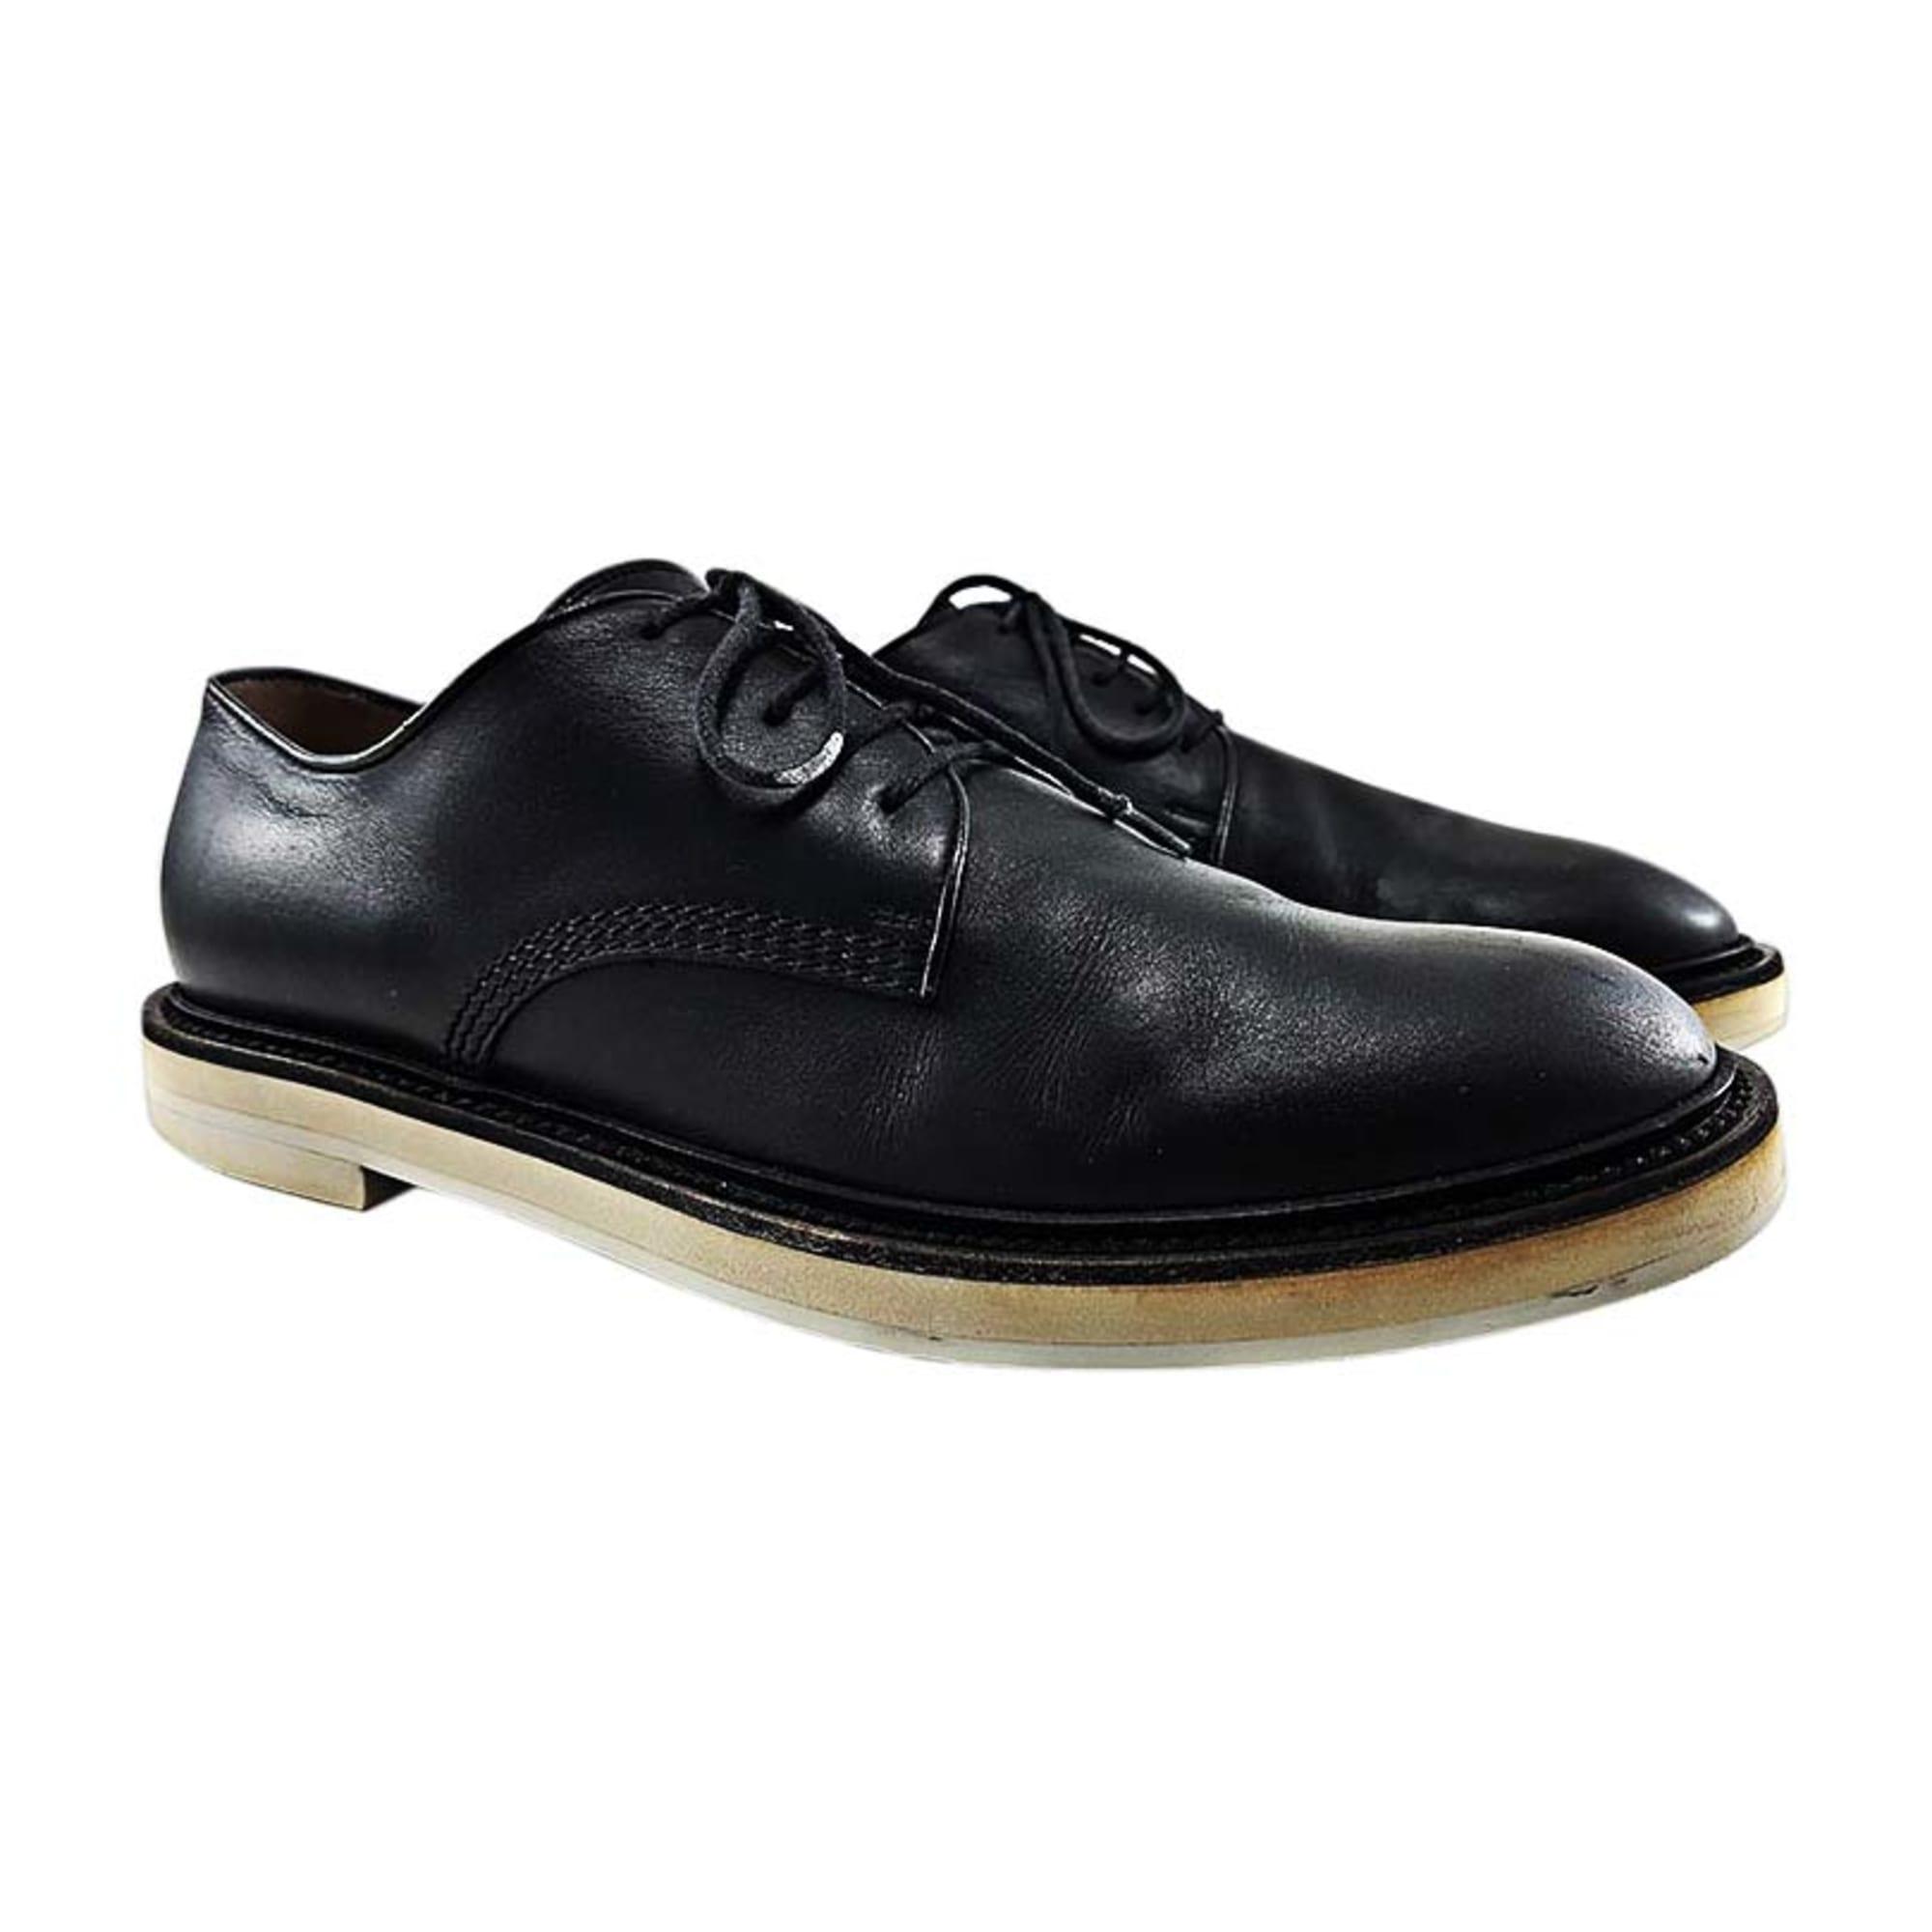 94f81cba0cf3 Chaussures à lacets GUCCI 40,5 noir - 8388747